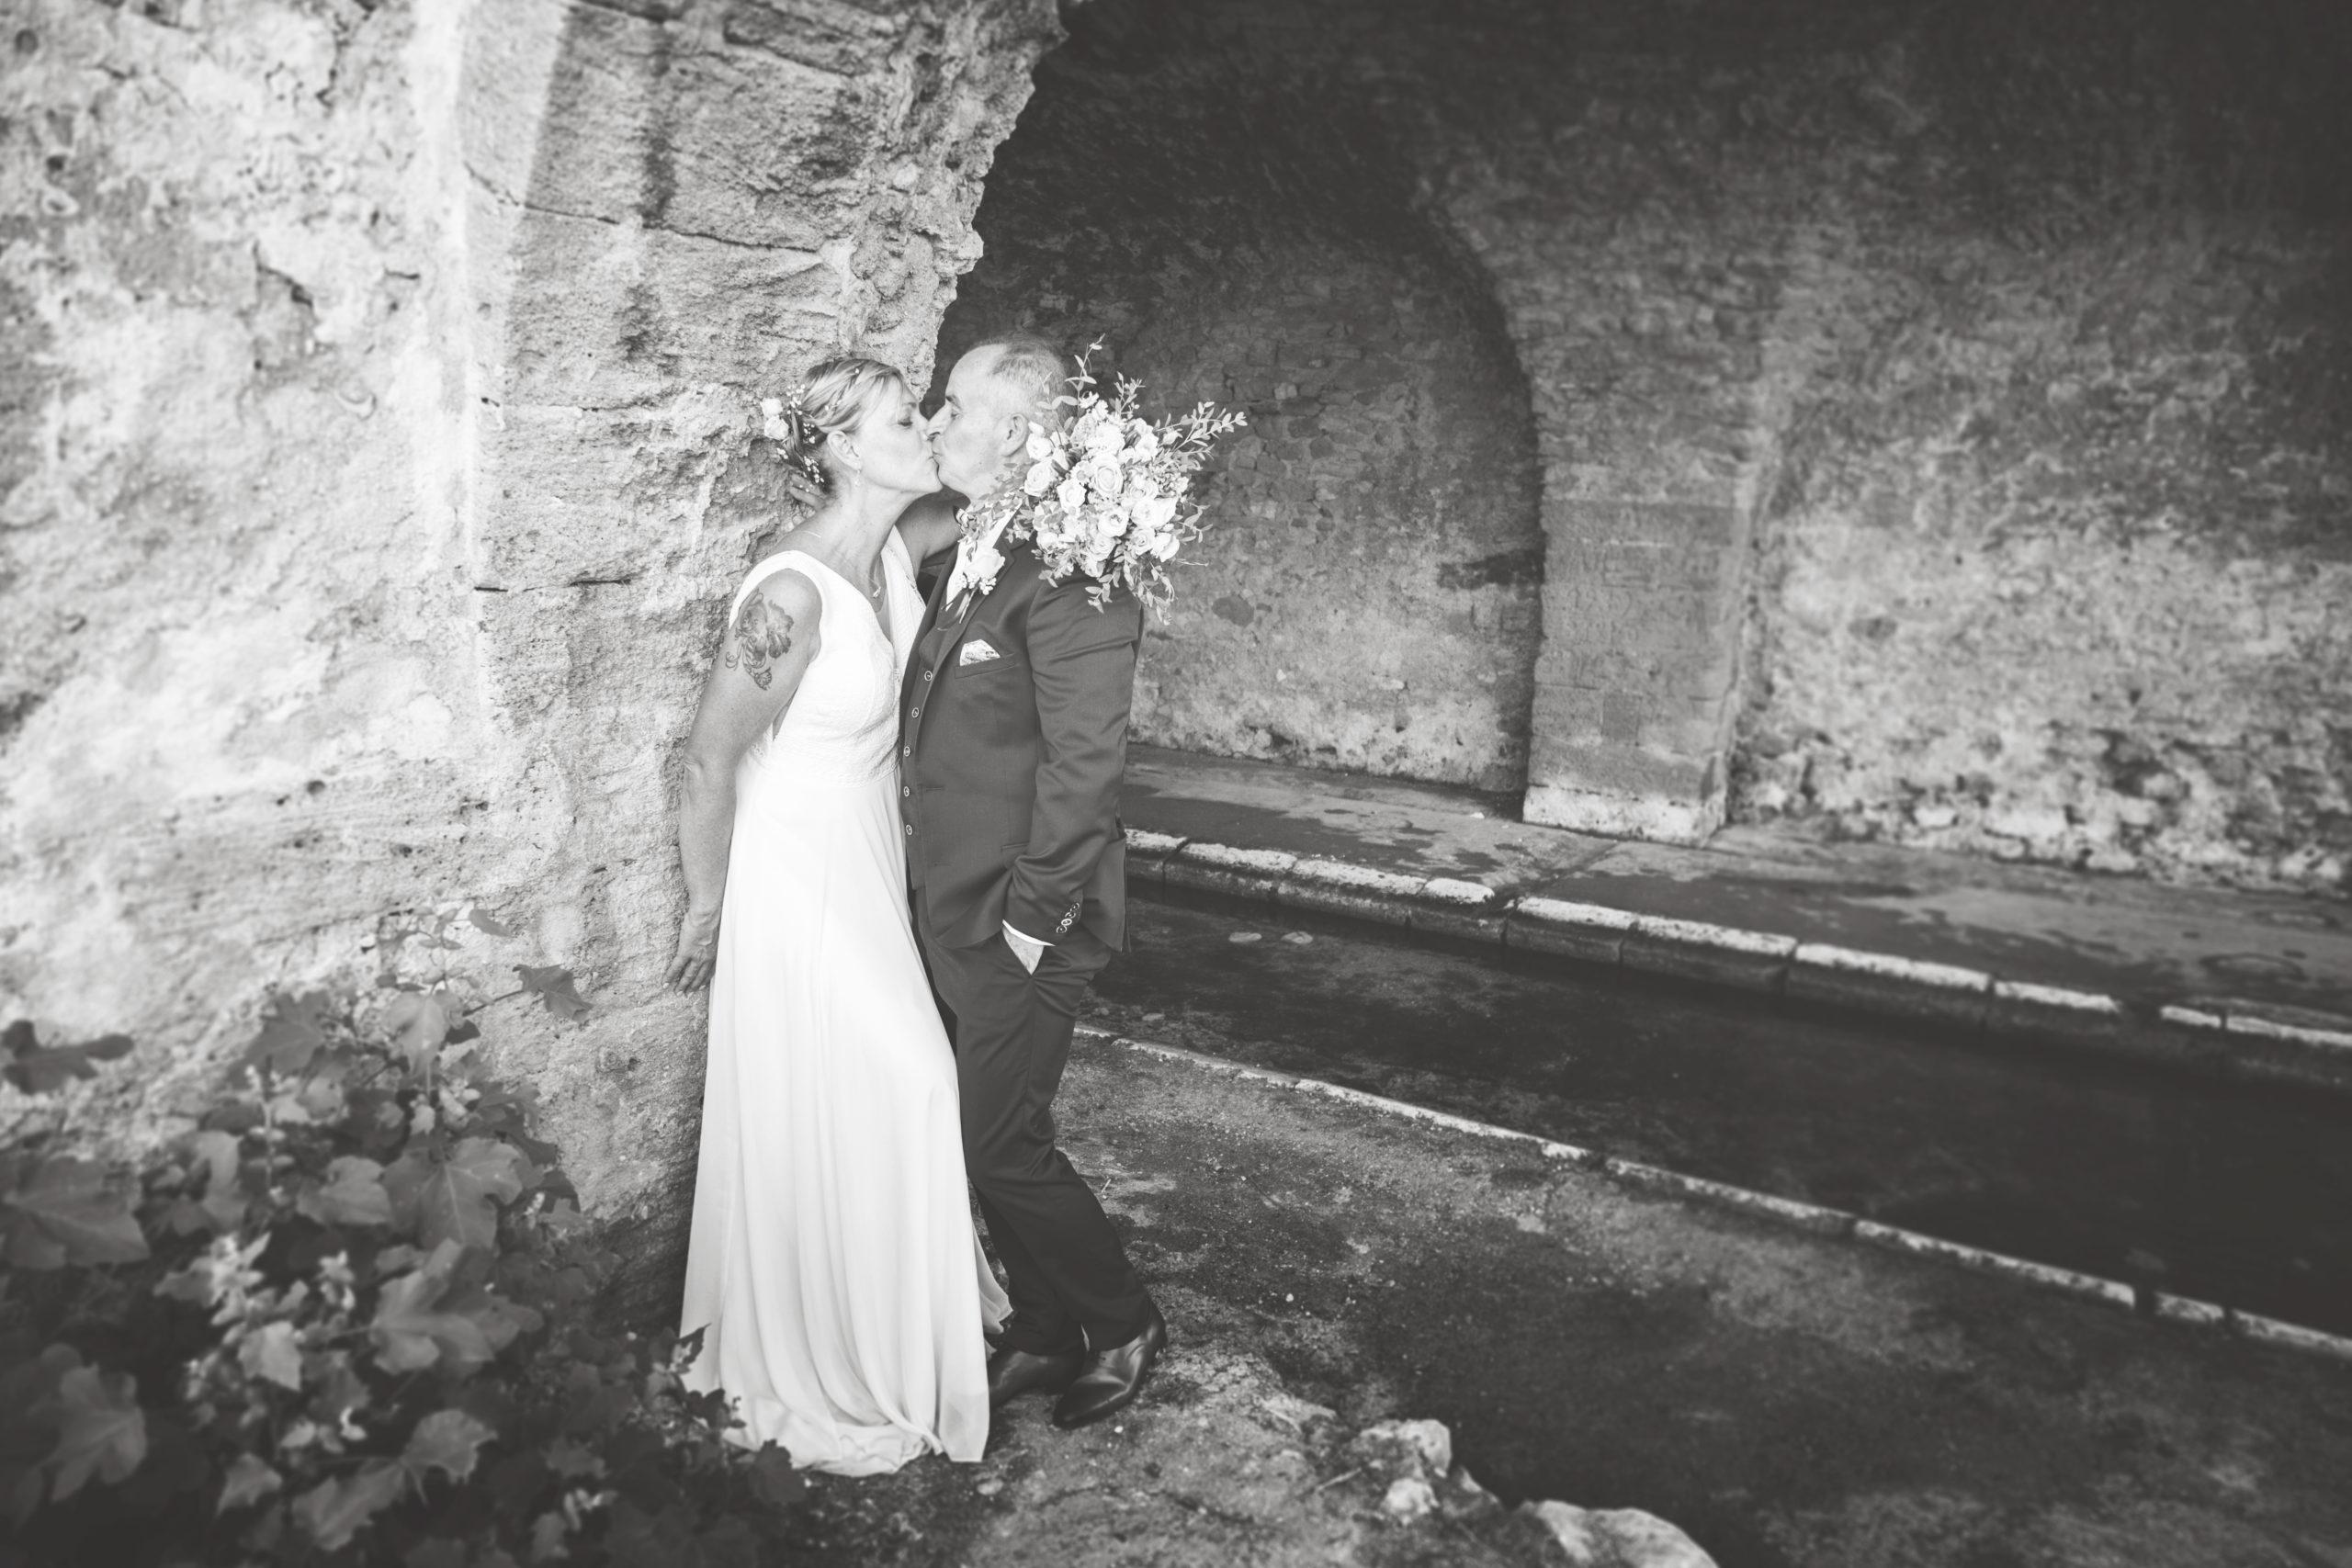 Photographe mariage, portrait mariés, portrait mariés noir et blanc